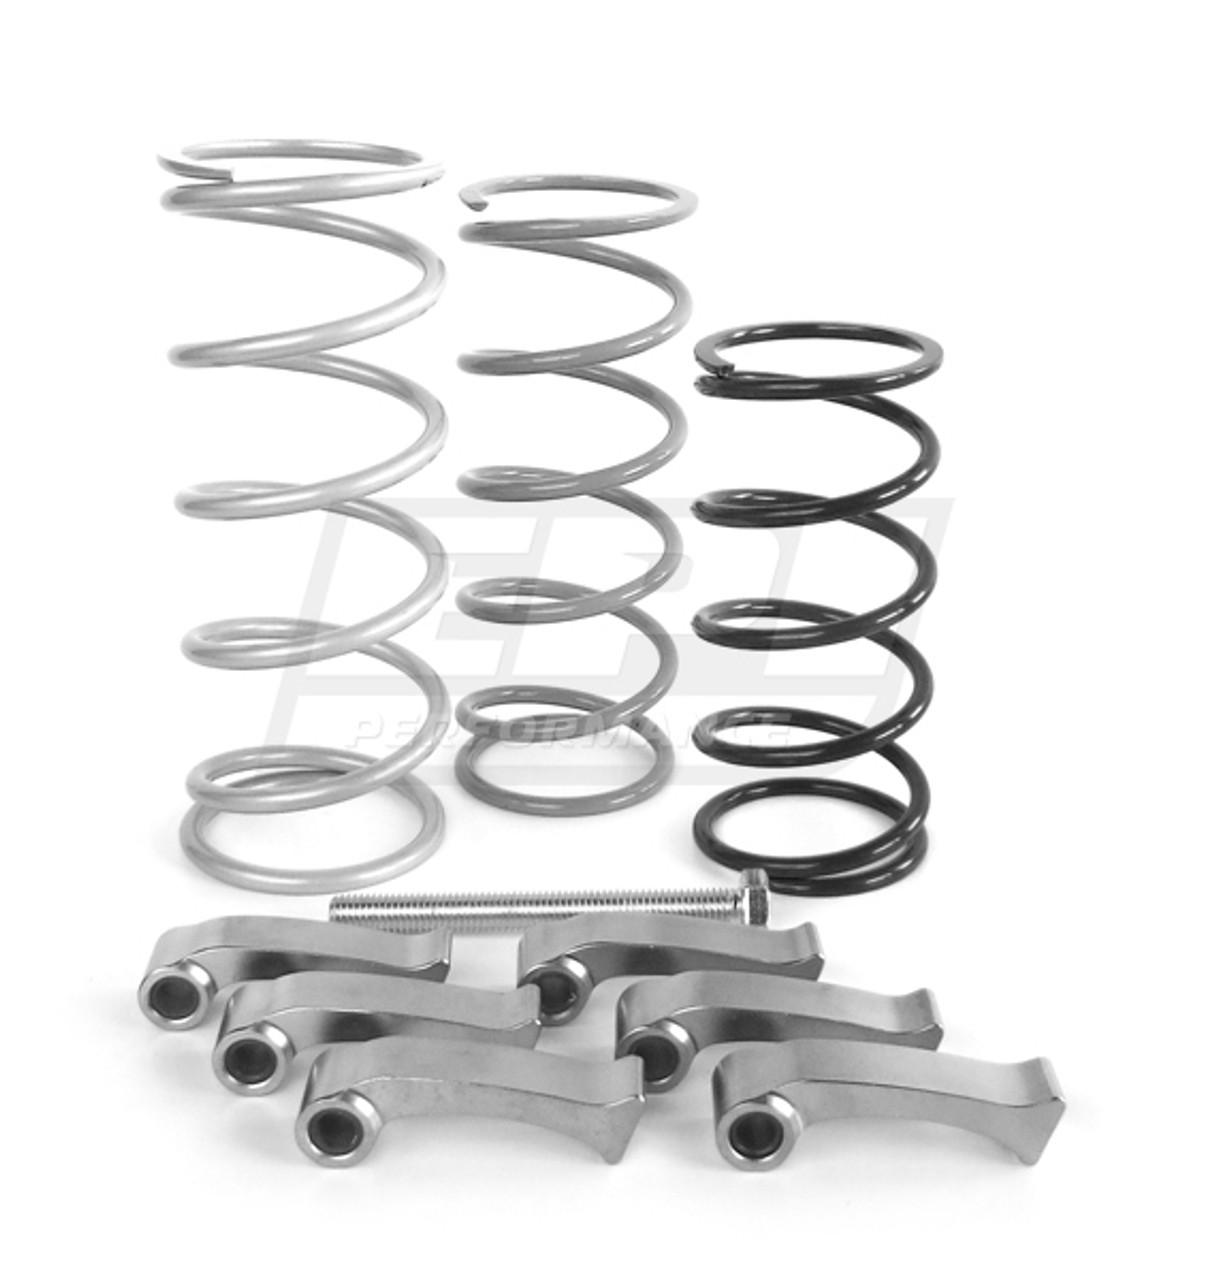 """EPI Mudder Clutch Kit 28-29.5/"""" Tires For Can-Am Commander 800 11-17"""